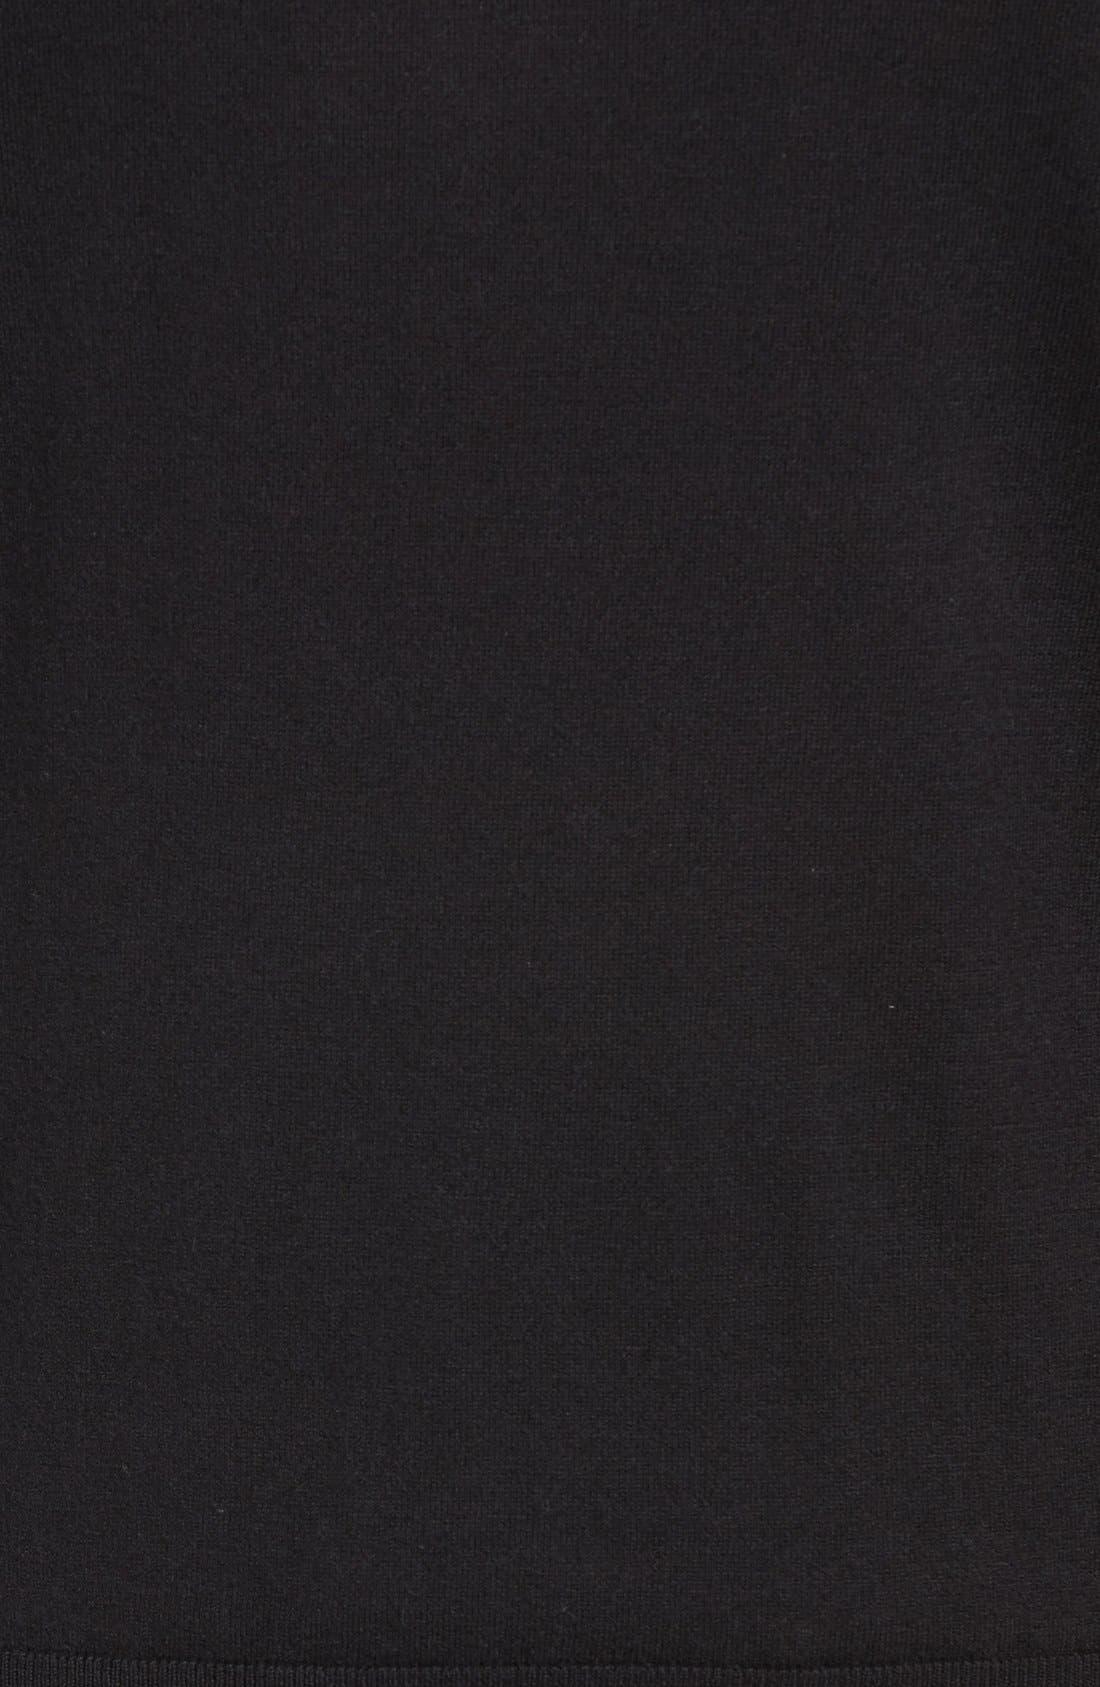 Brit Richmond Cotton & Cashmere Sweater,                             Alternate thumbnail 5, color,                             001